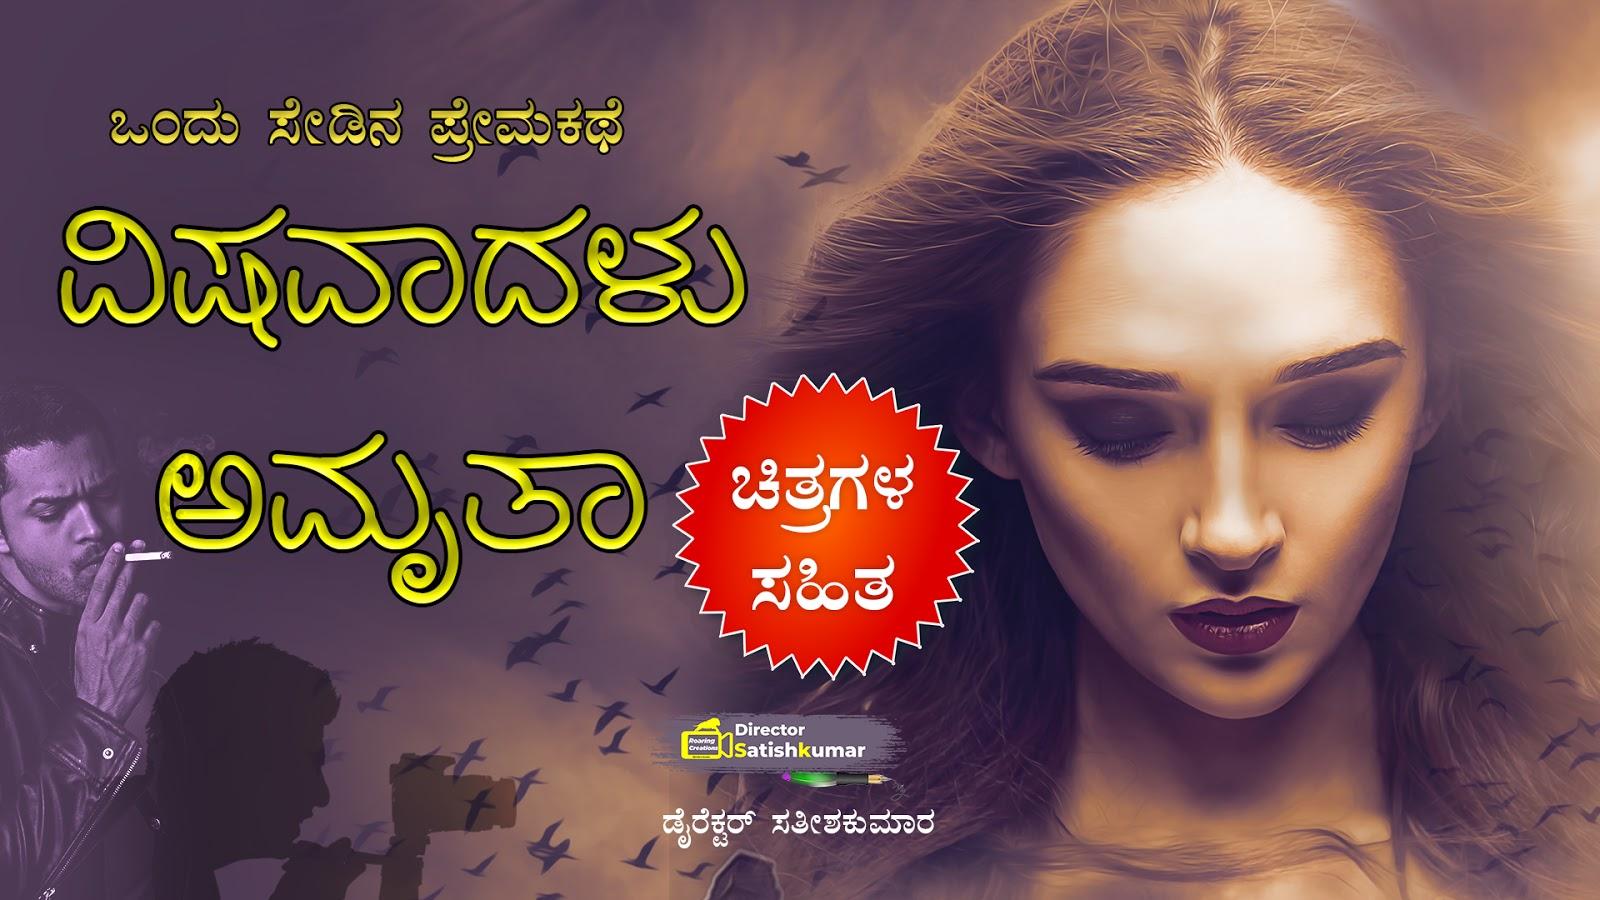 ವಿಷವಾದಳು ಅಮೃತಾ : ಒಂದು ಸೇಡಿನ ಪ್ರೇಮಕಥೆ - Revenge Love Story in Kannada - ಕನ್ನಡ ಕಥೆ ಪುಸ್ತಕಗಳು - Kannada Story Books -  E Books Kannada - Kannada Books